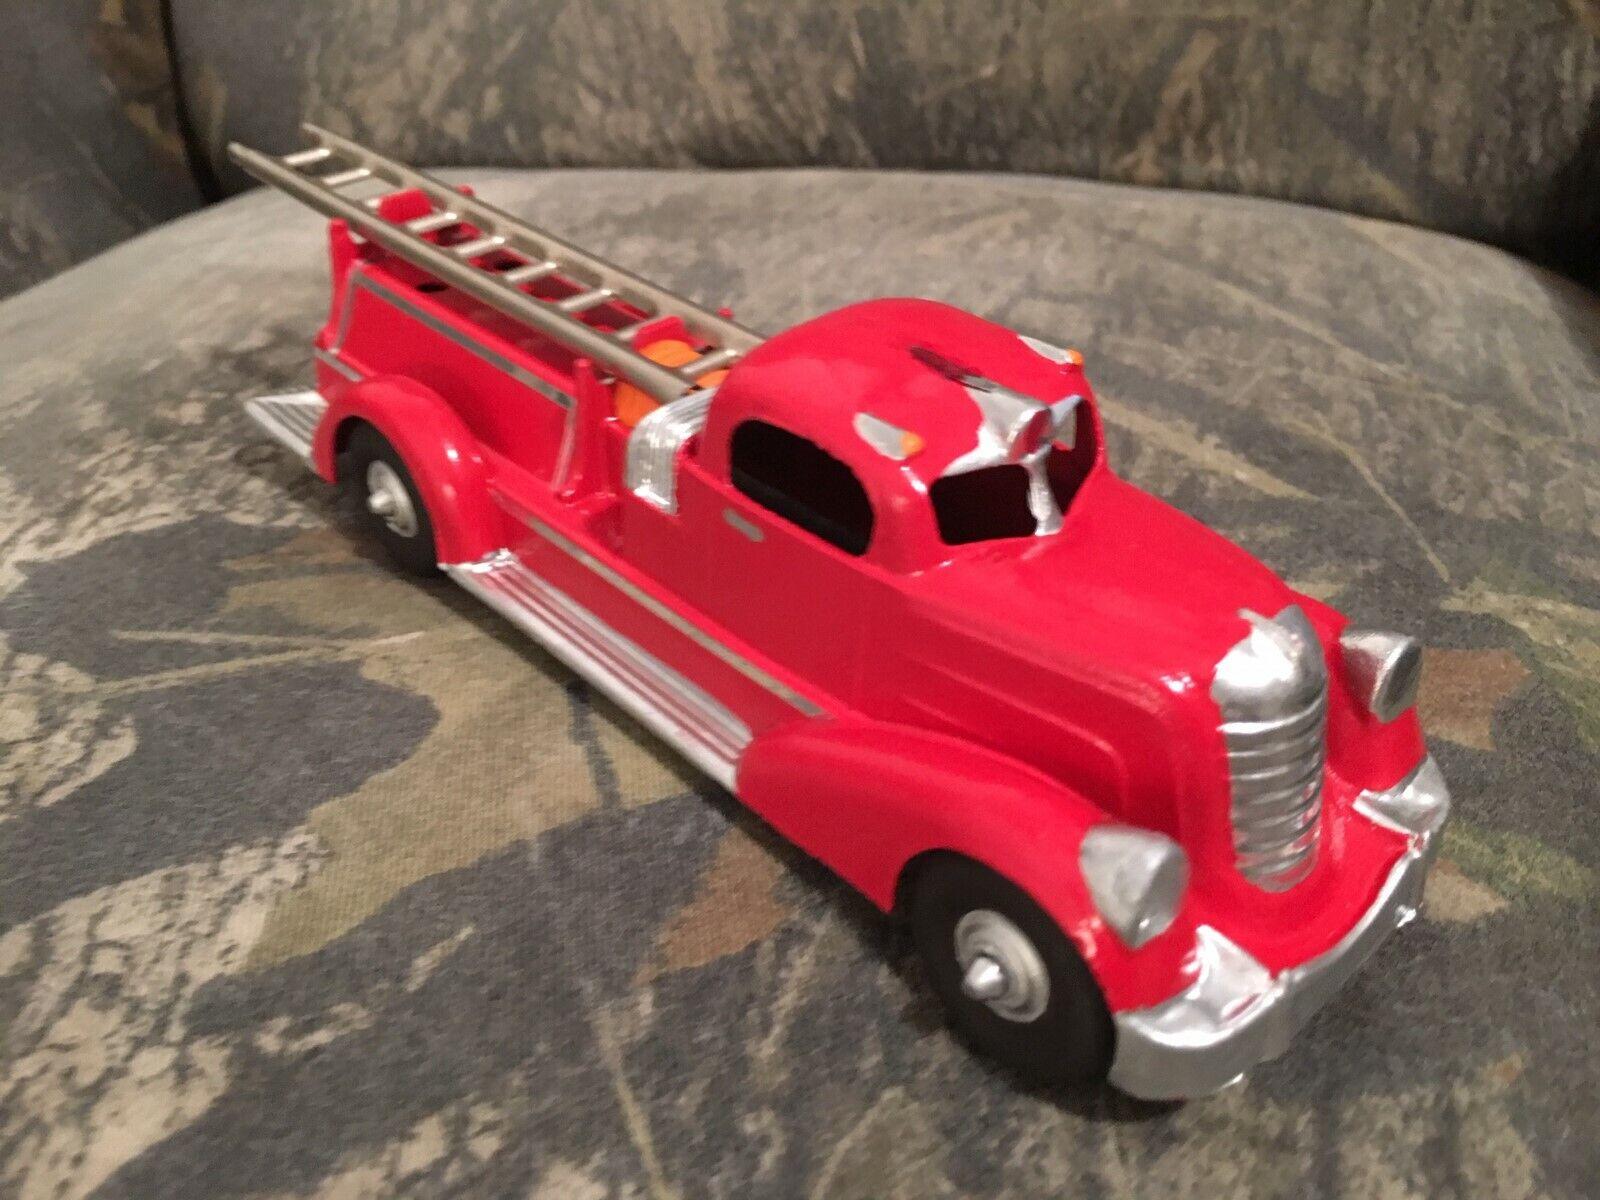 HUBLEY FIRE TRUCK AHRENS 1930'S Ladder 7  Vintage KiddieToy Diecast Metal Toy  2